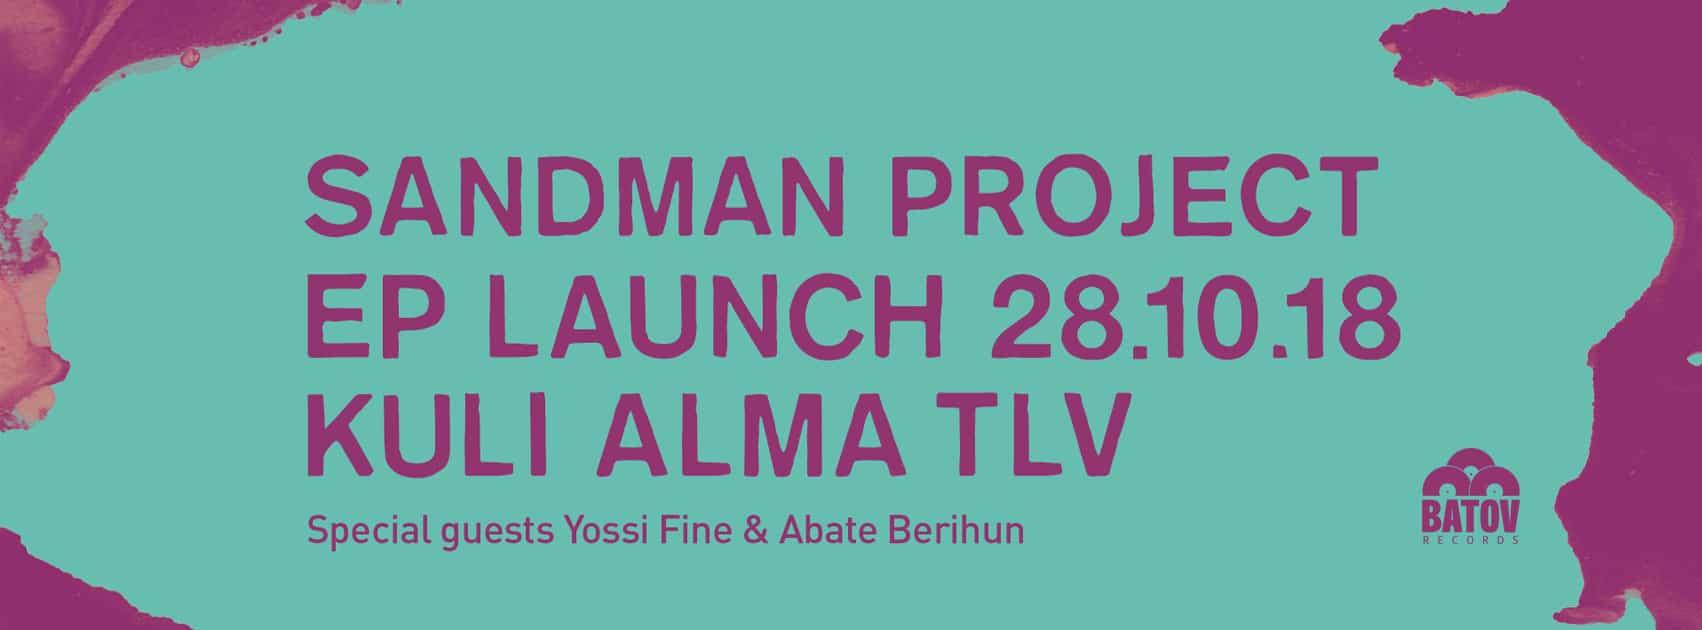 Sandman Project - Kuli Alma